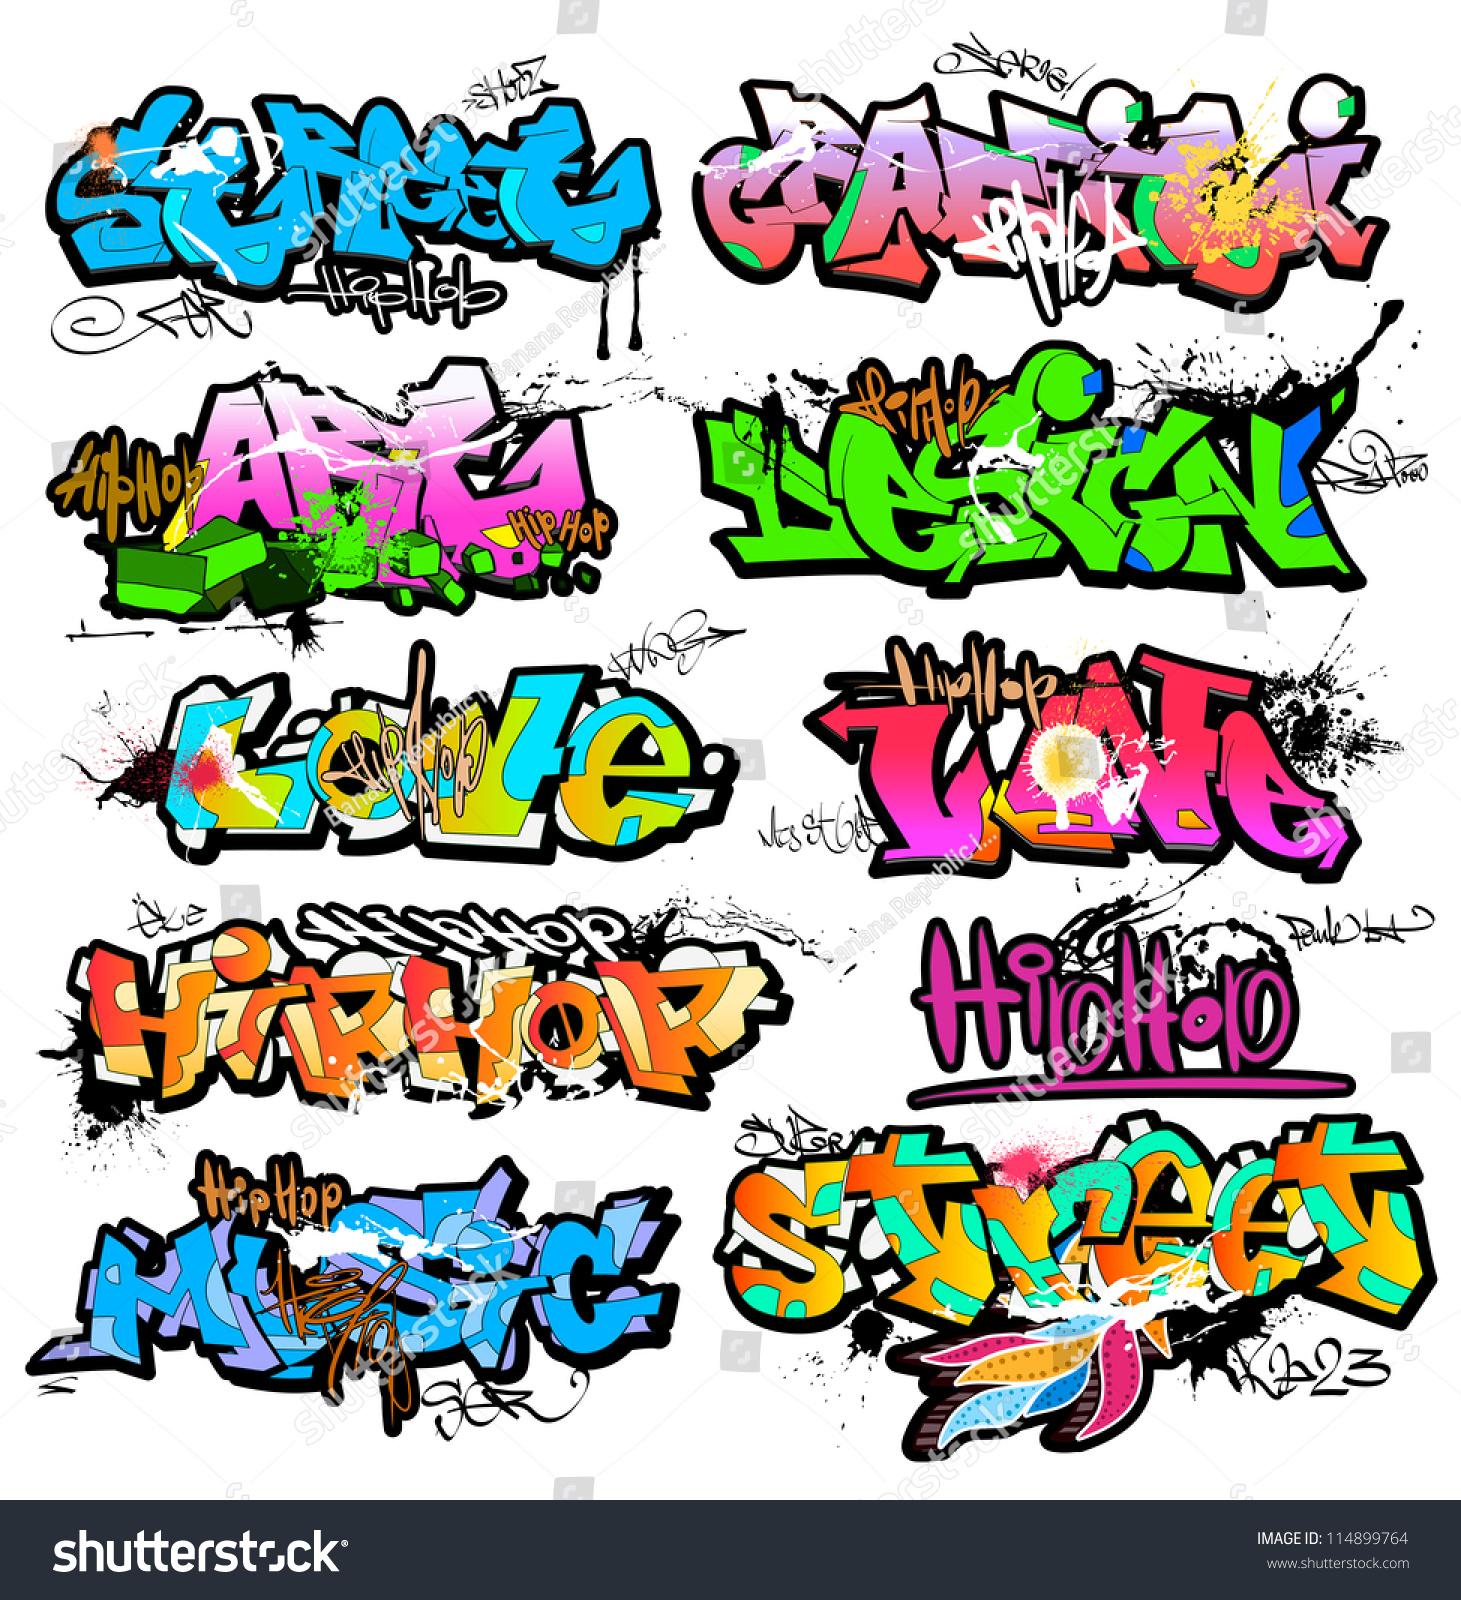 Graffiti wall clipart - Graffiti Wall Vector Urban Art